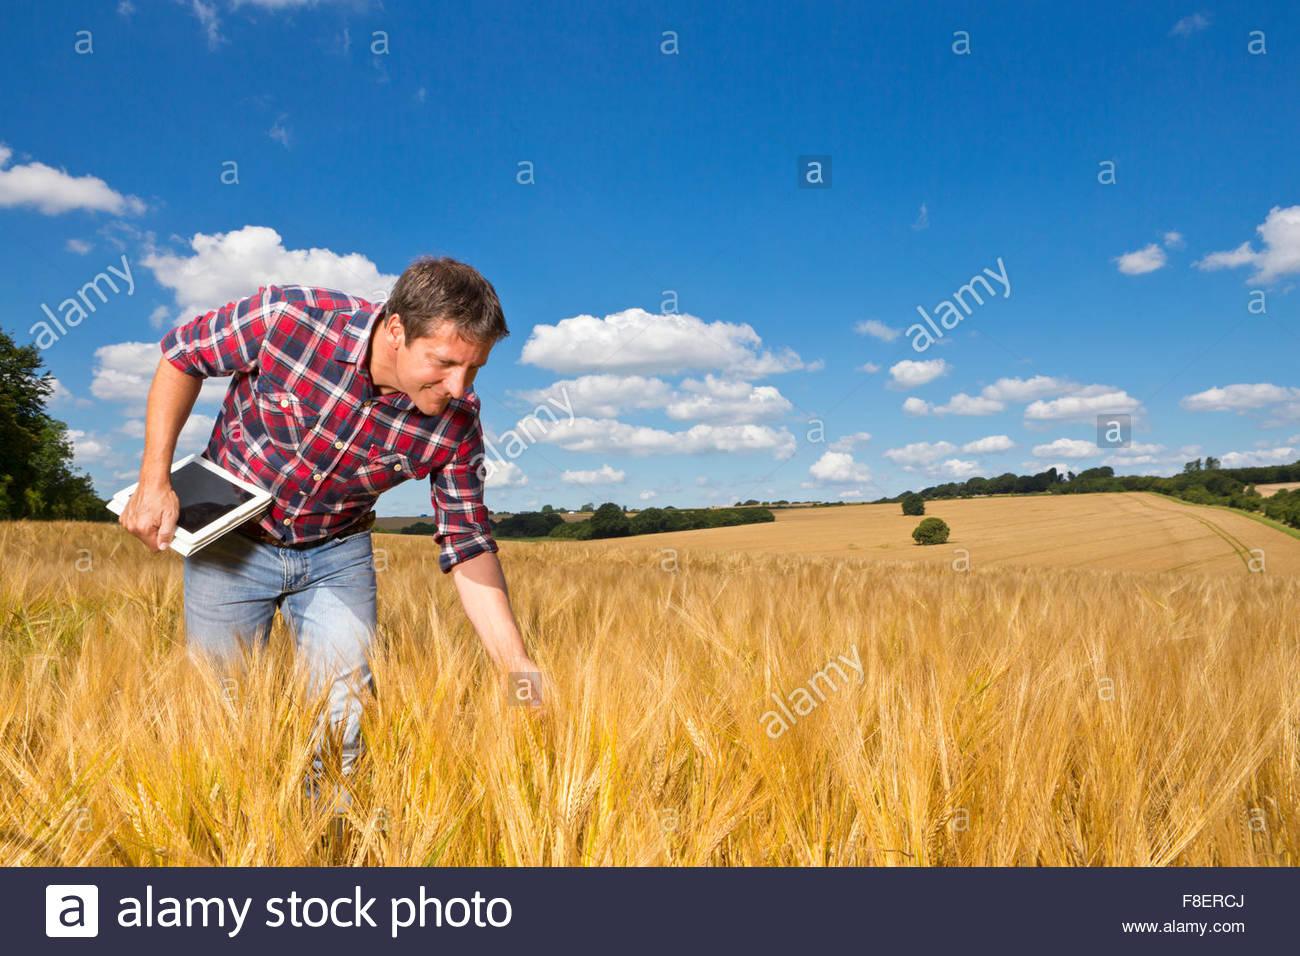 Contadino con tavoletta digitale piegatura per esaminare sunny rural raccolto di orzo campo in estate Immagini Stock